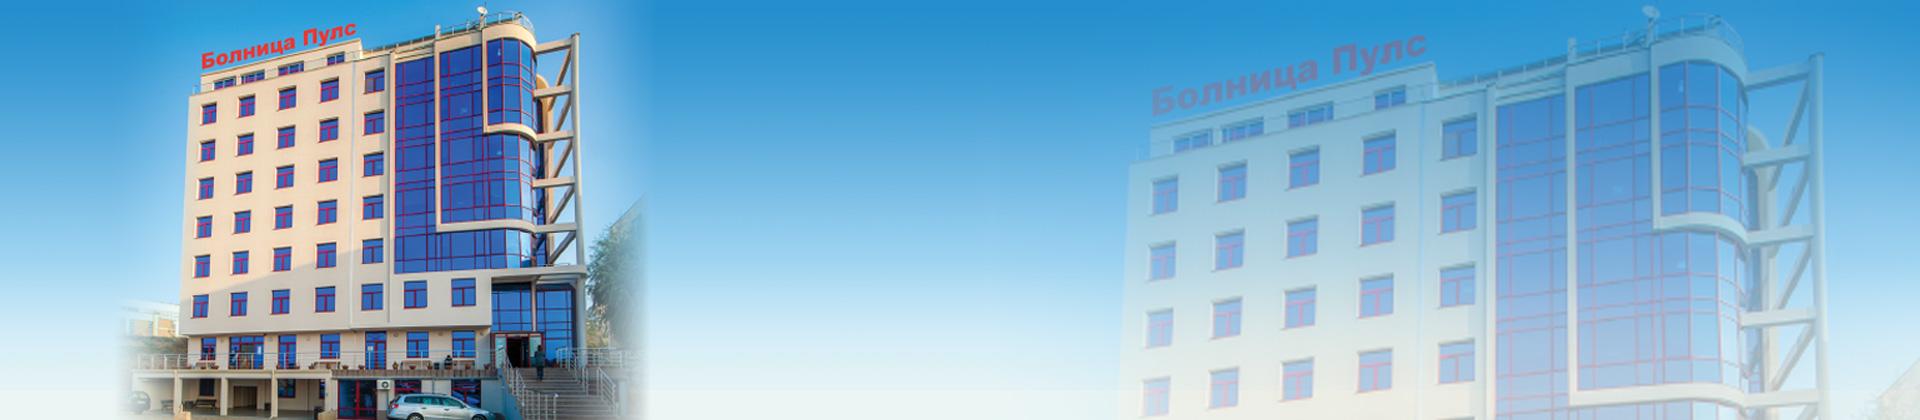 снимка - Болница Пулс предлага висококвалифицирани медицински услуги